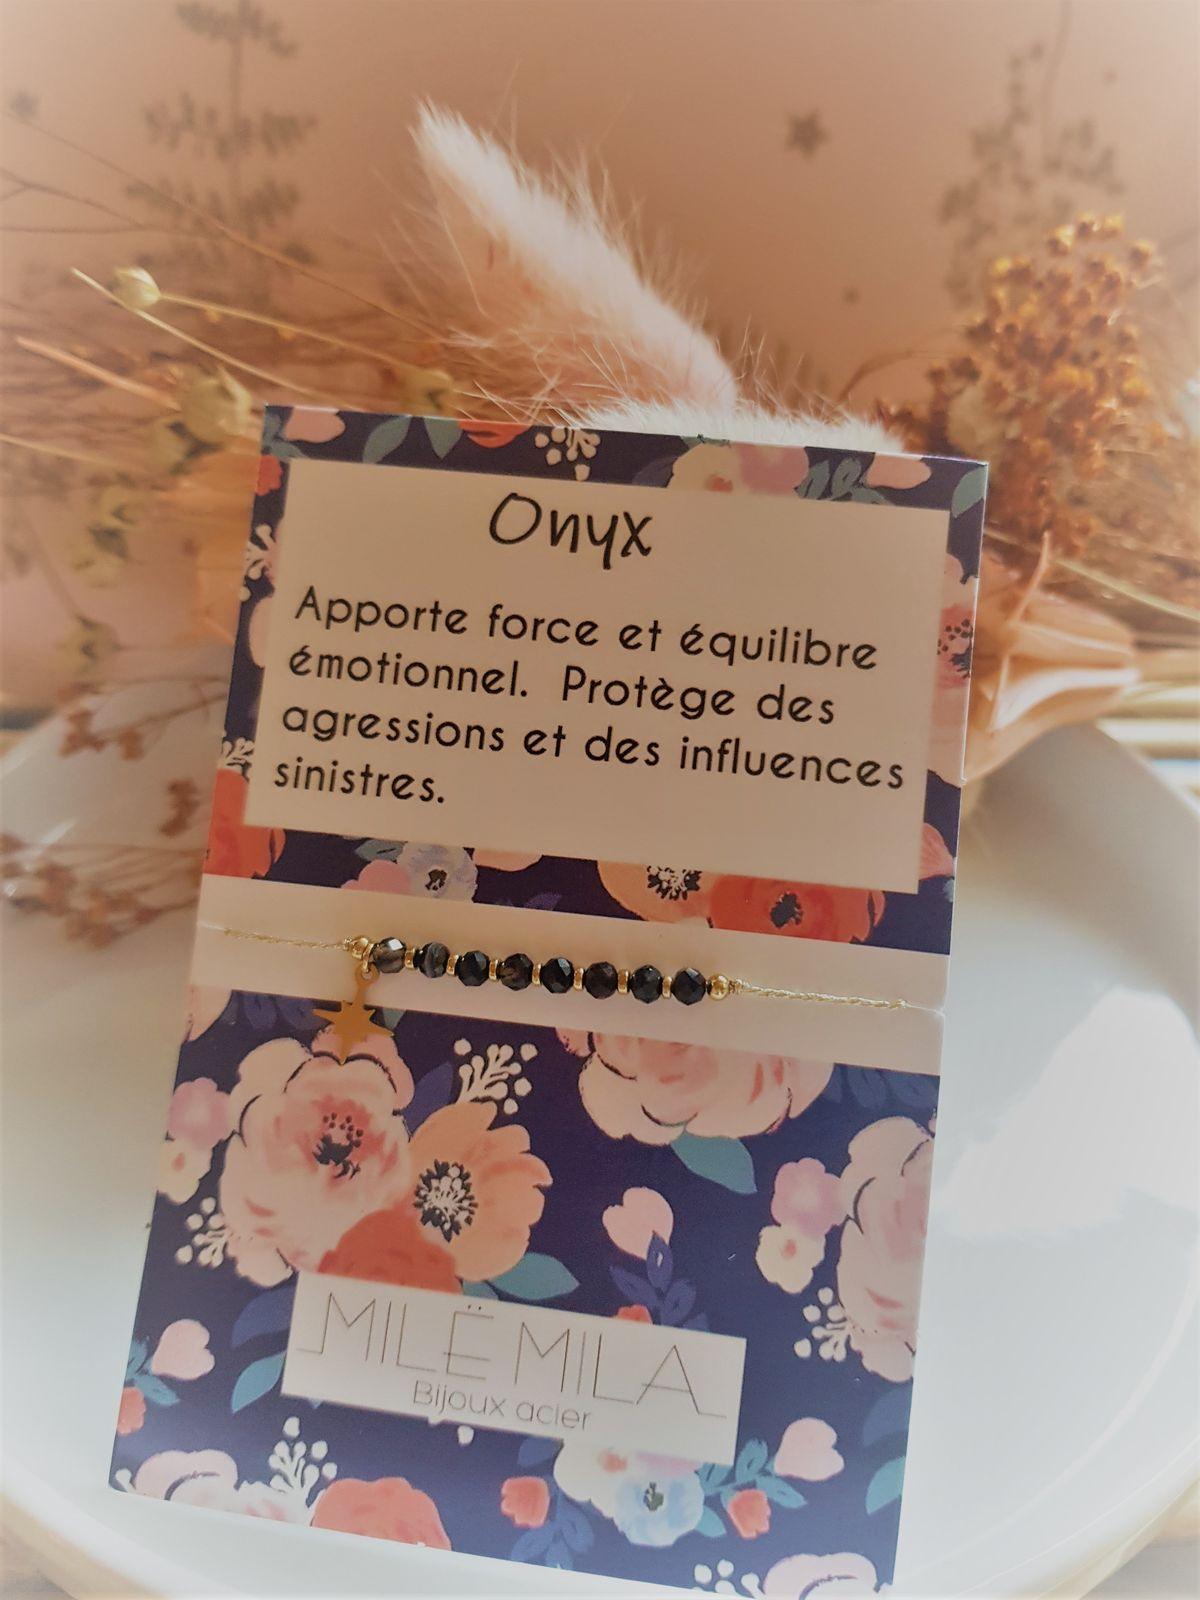 Bracelet porte-bonheur Onyx